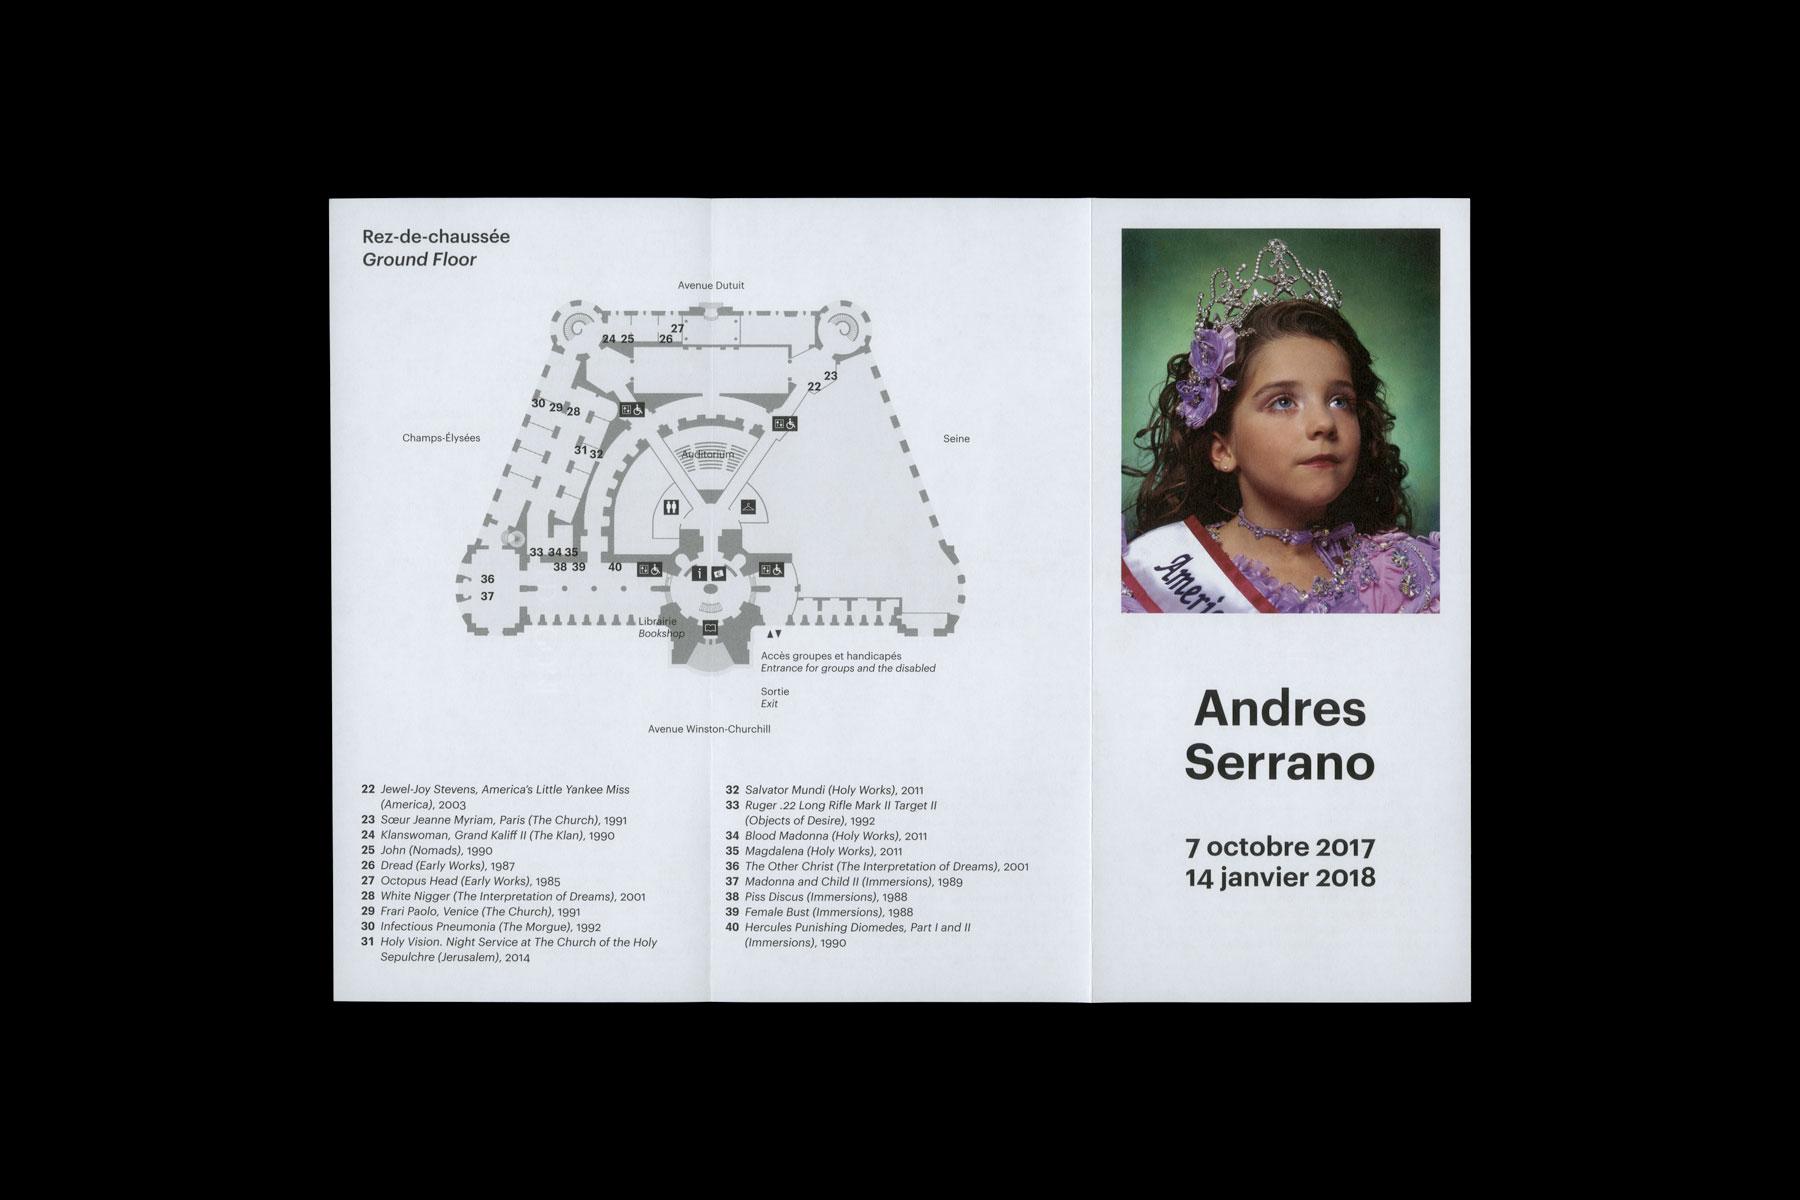 Andres Serrano 2